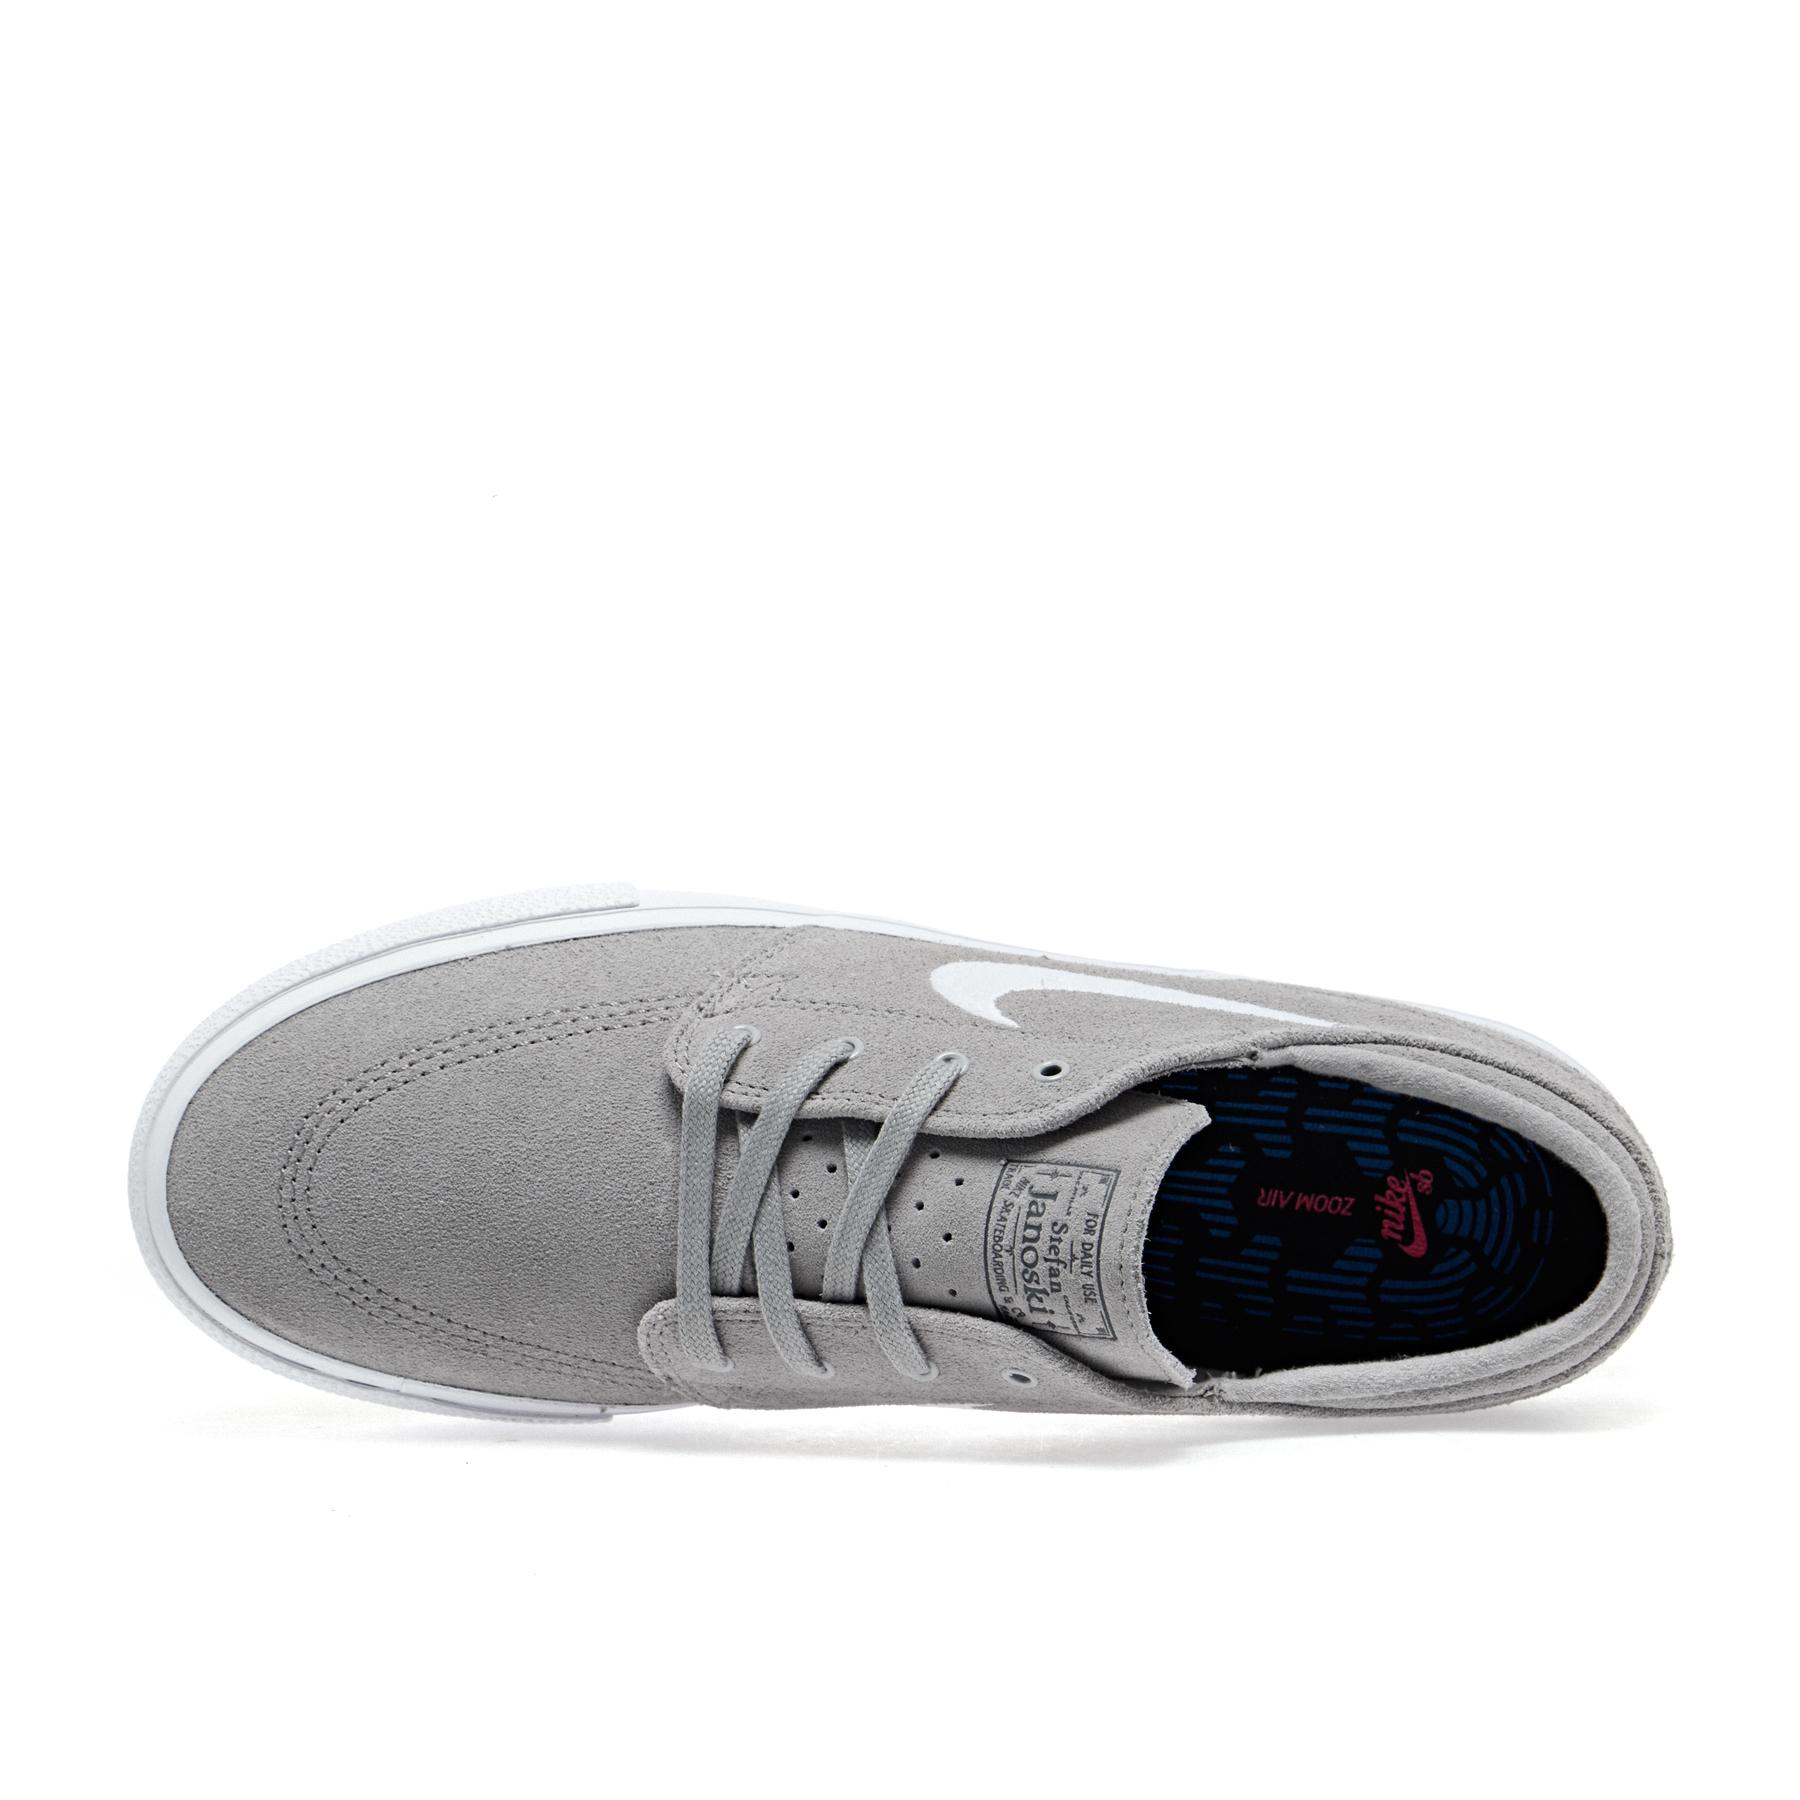 Chaussures Nike SB Zoom Janoski RM | Livraison gratuite dès